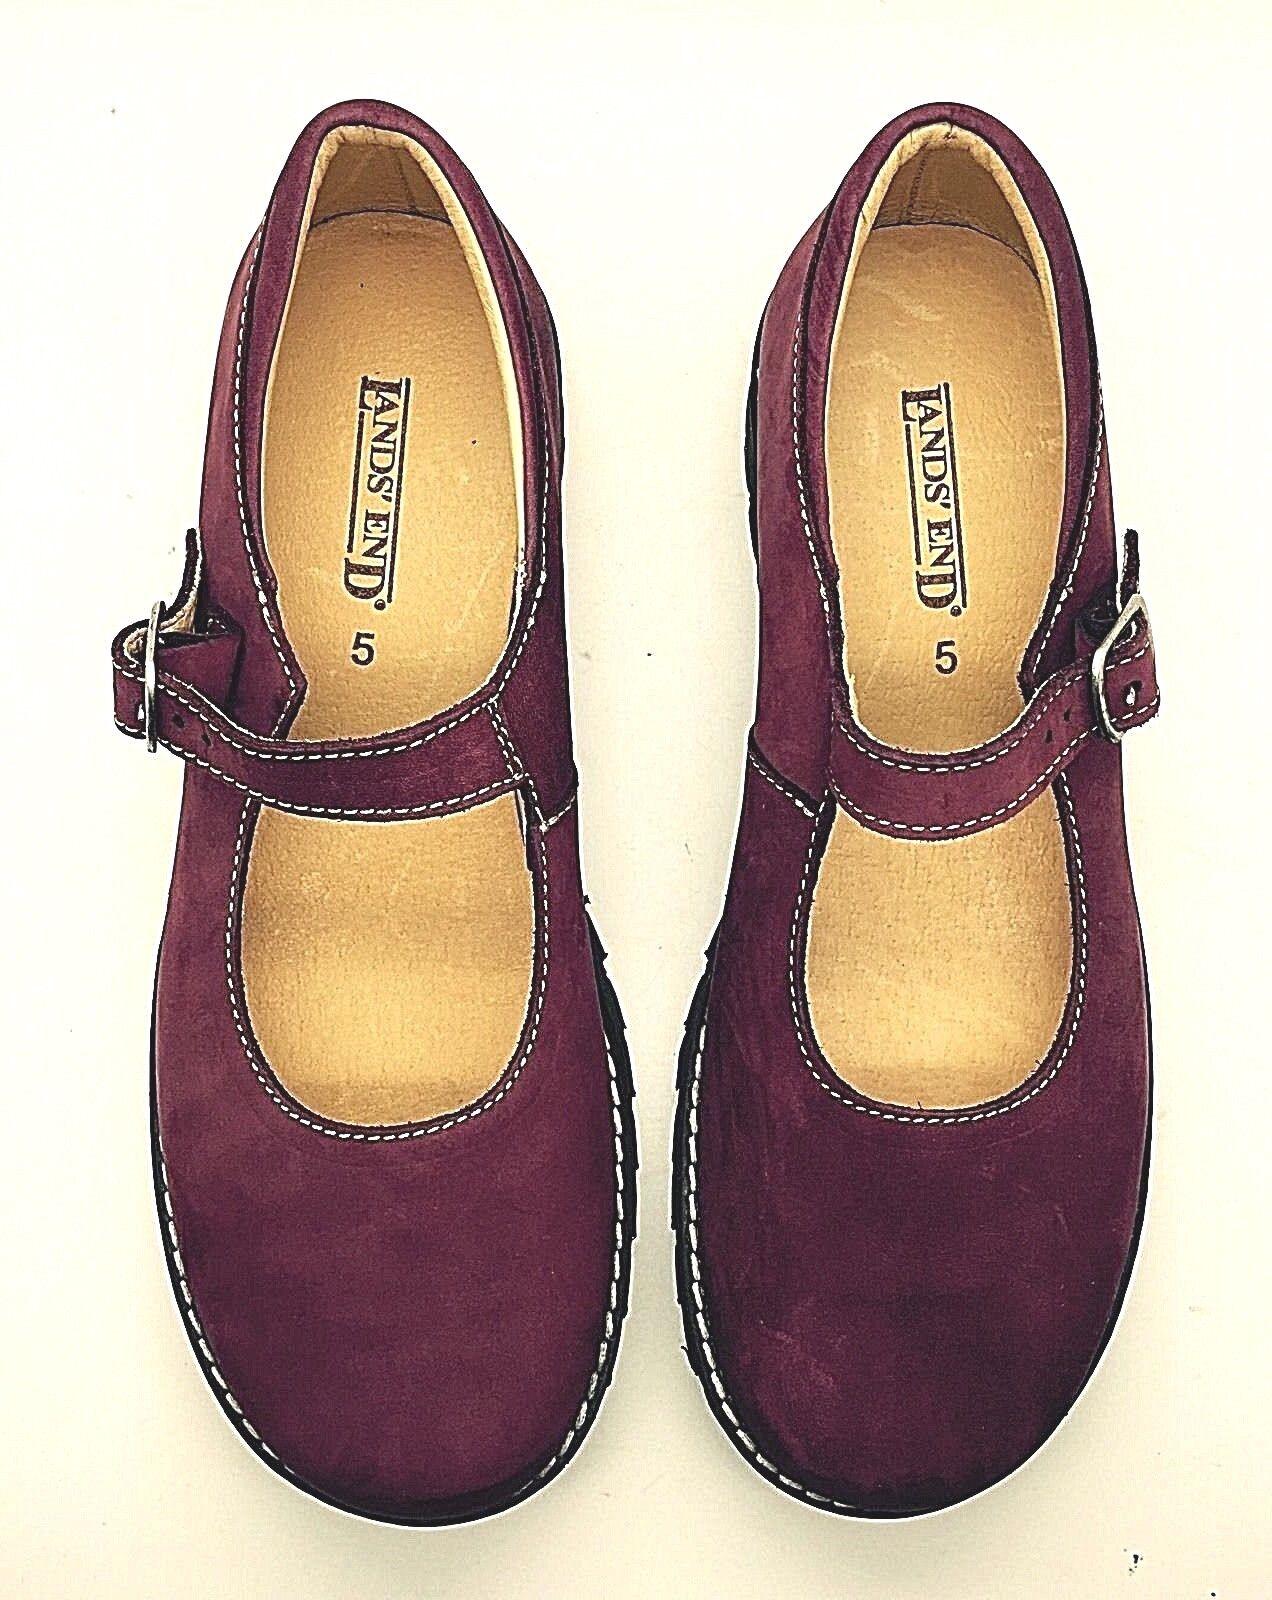 LANDS 'END rouge bordeaux en Cuir et Daim Mary Jane Confort Marche Chaussures 5 M Espagne neuf